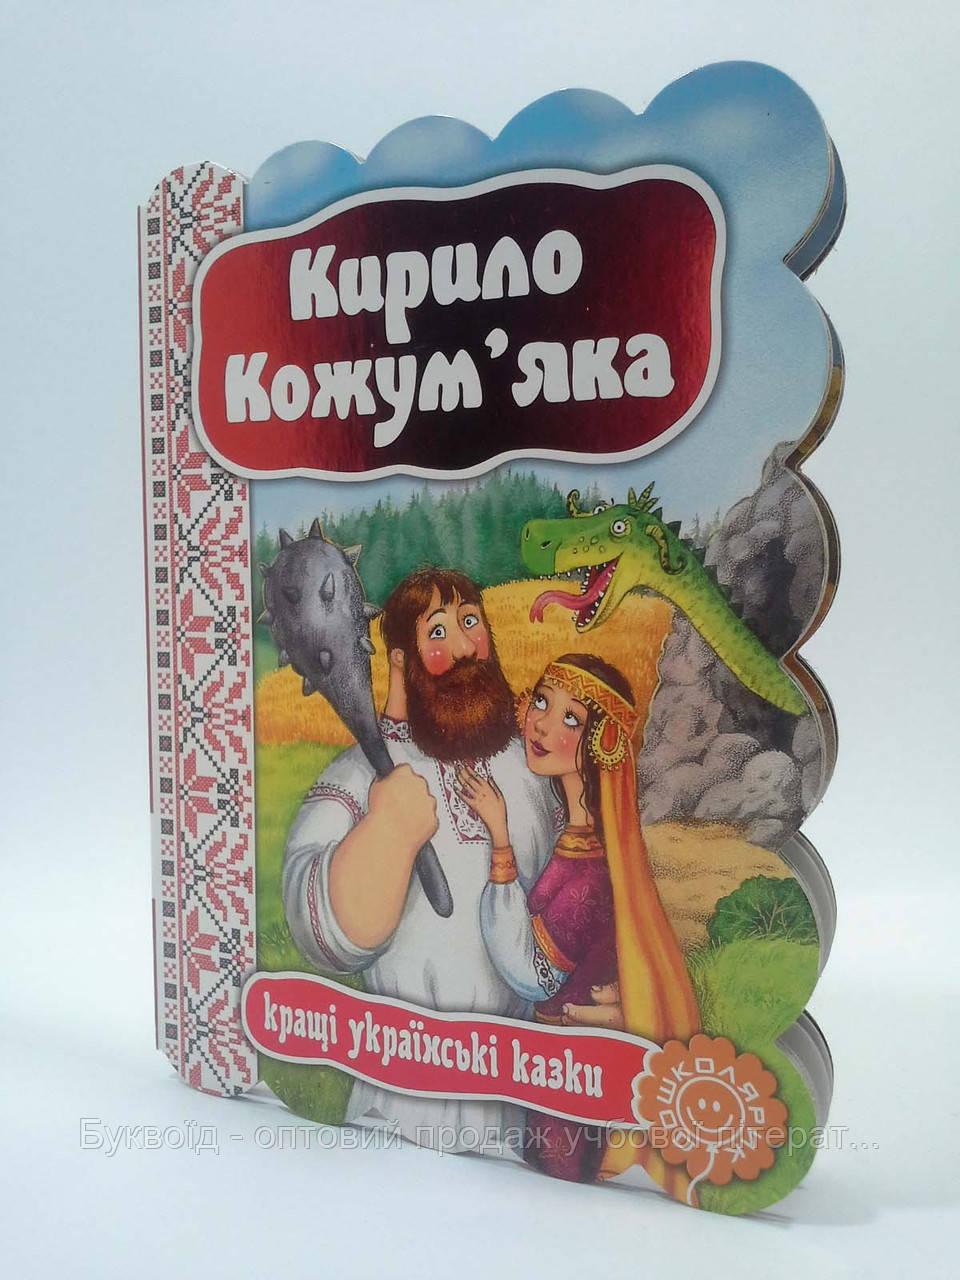 Картон Кращі українські казки Кирило Кожумяка